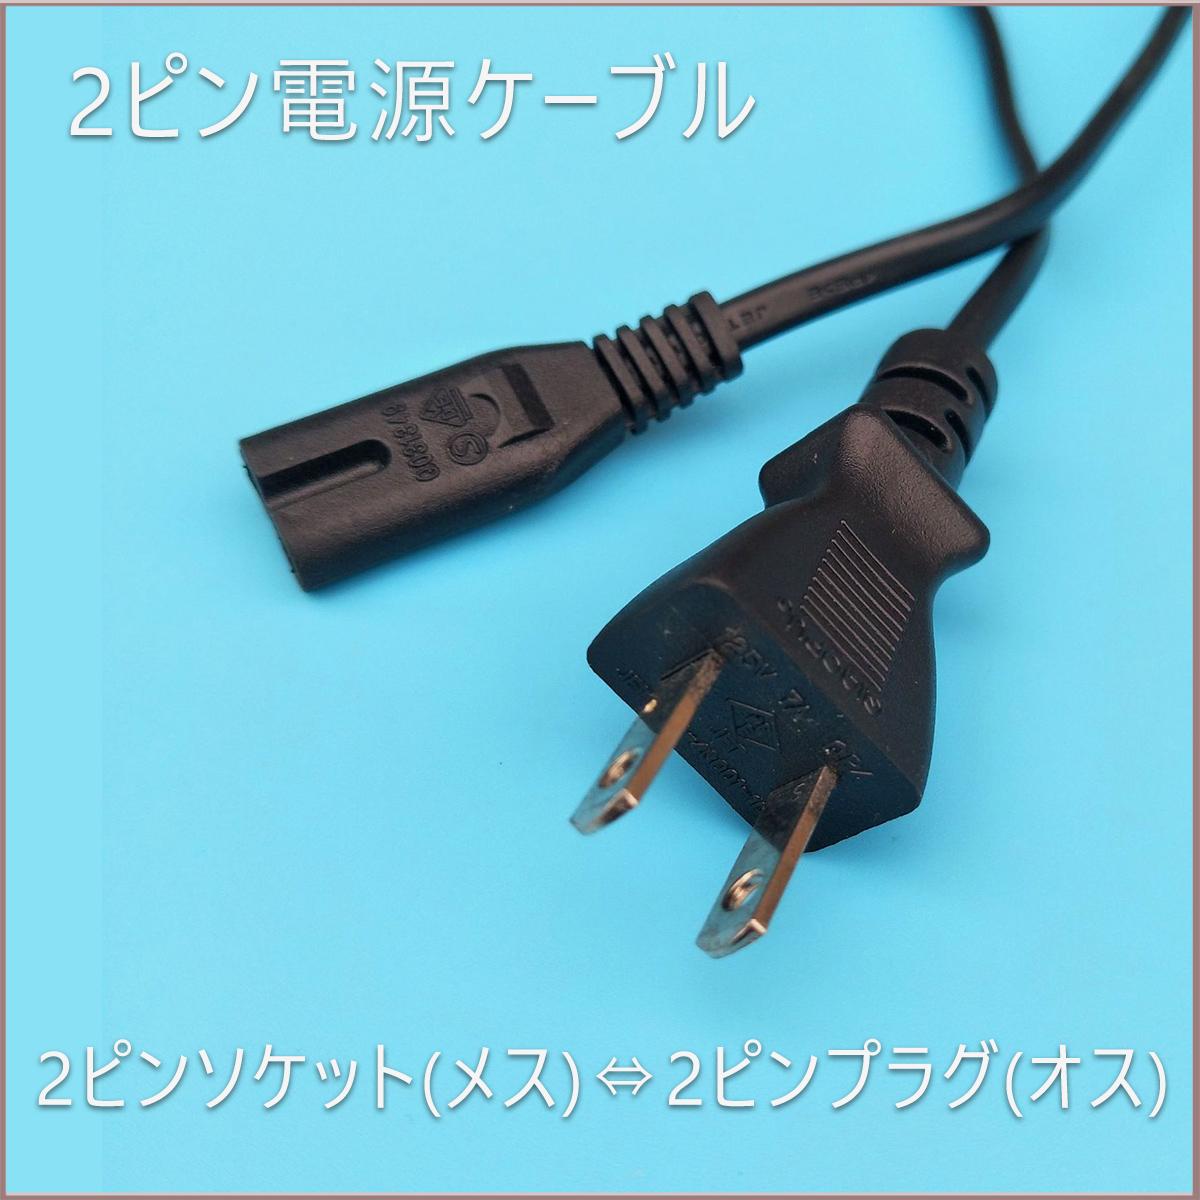 電源ケーブル 2ピンソケット(メス) ⇔ 2ピンプラグ(オス) メガネ型 1.5m 黒 ノートパソコン PS4 PS3 SDM便送料無料 PSE 1ヶ月保証